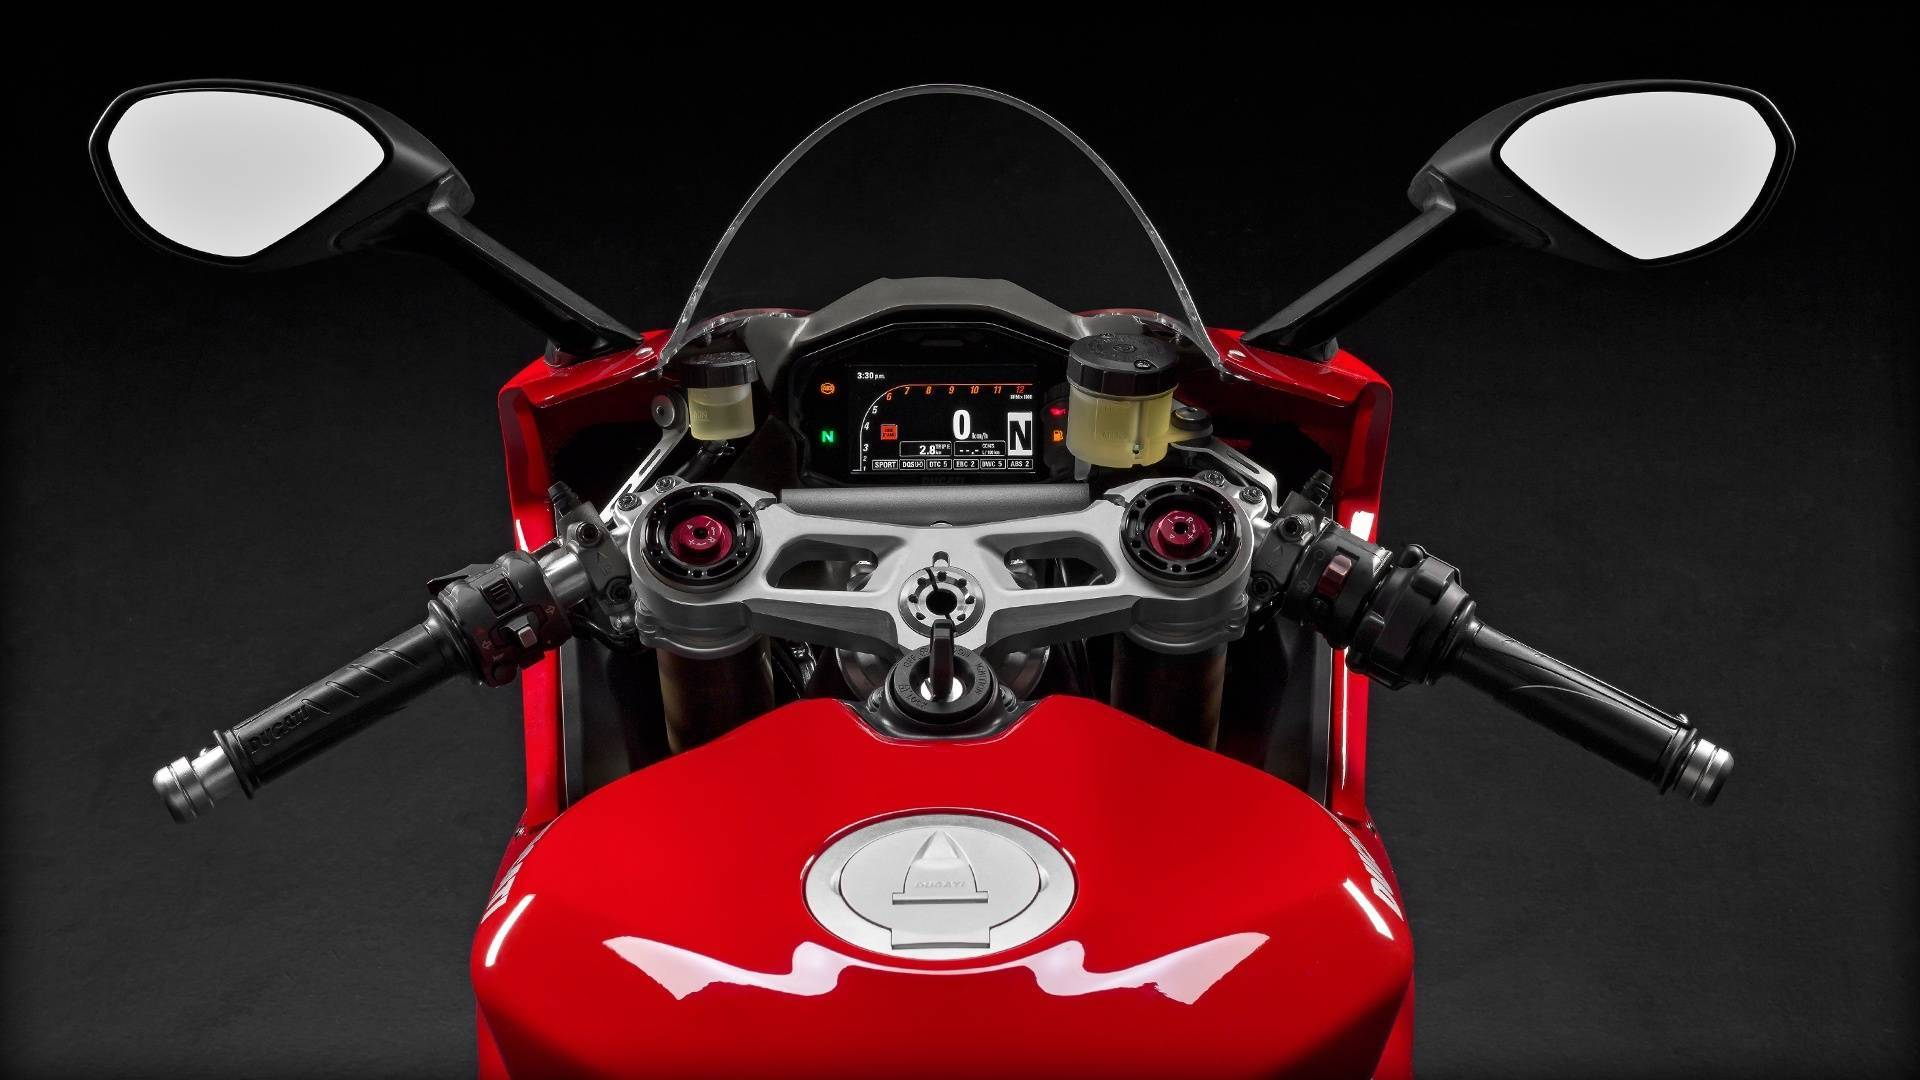 Ducati 1299 Panigale Price, Mileage, Review - Ducati Bikes